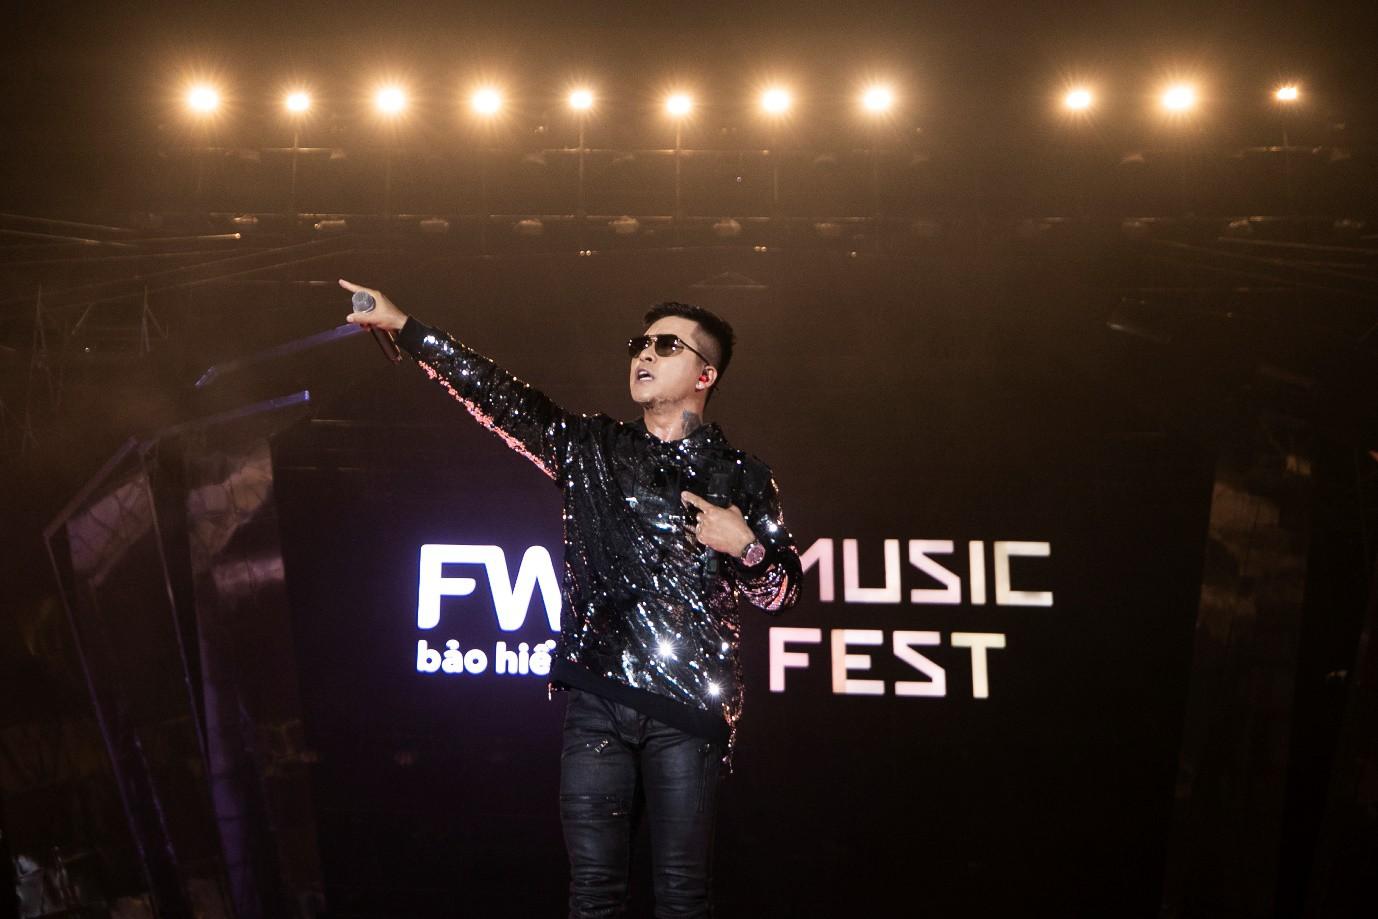 Sơn Tùng M-TP, Đen Vâu, Tóc Tiên, Hồ Ngọc Hà… mang đến quá nhiều màn trình diễn đỉnh cao tại FWD Music Fest - Ảnh 10.